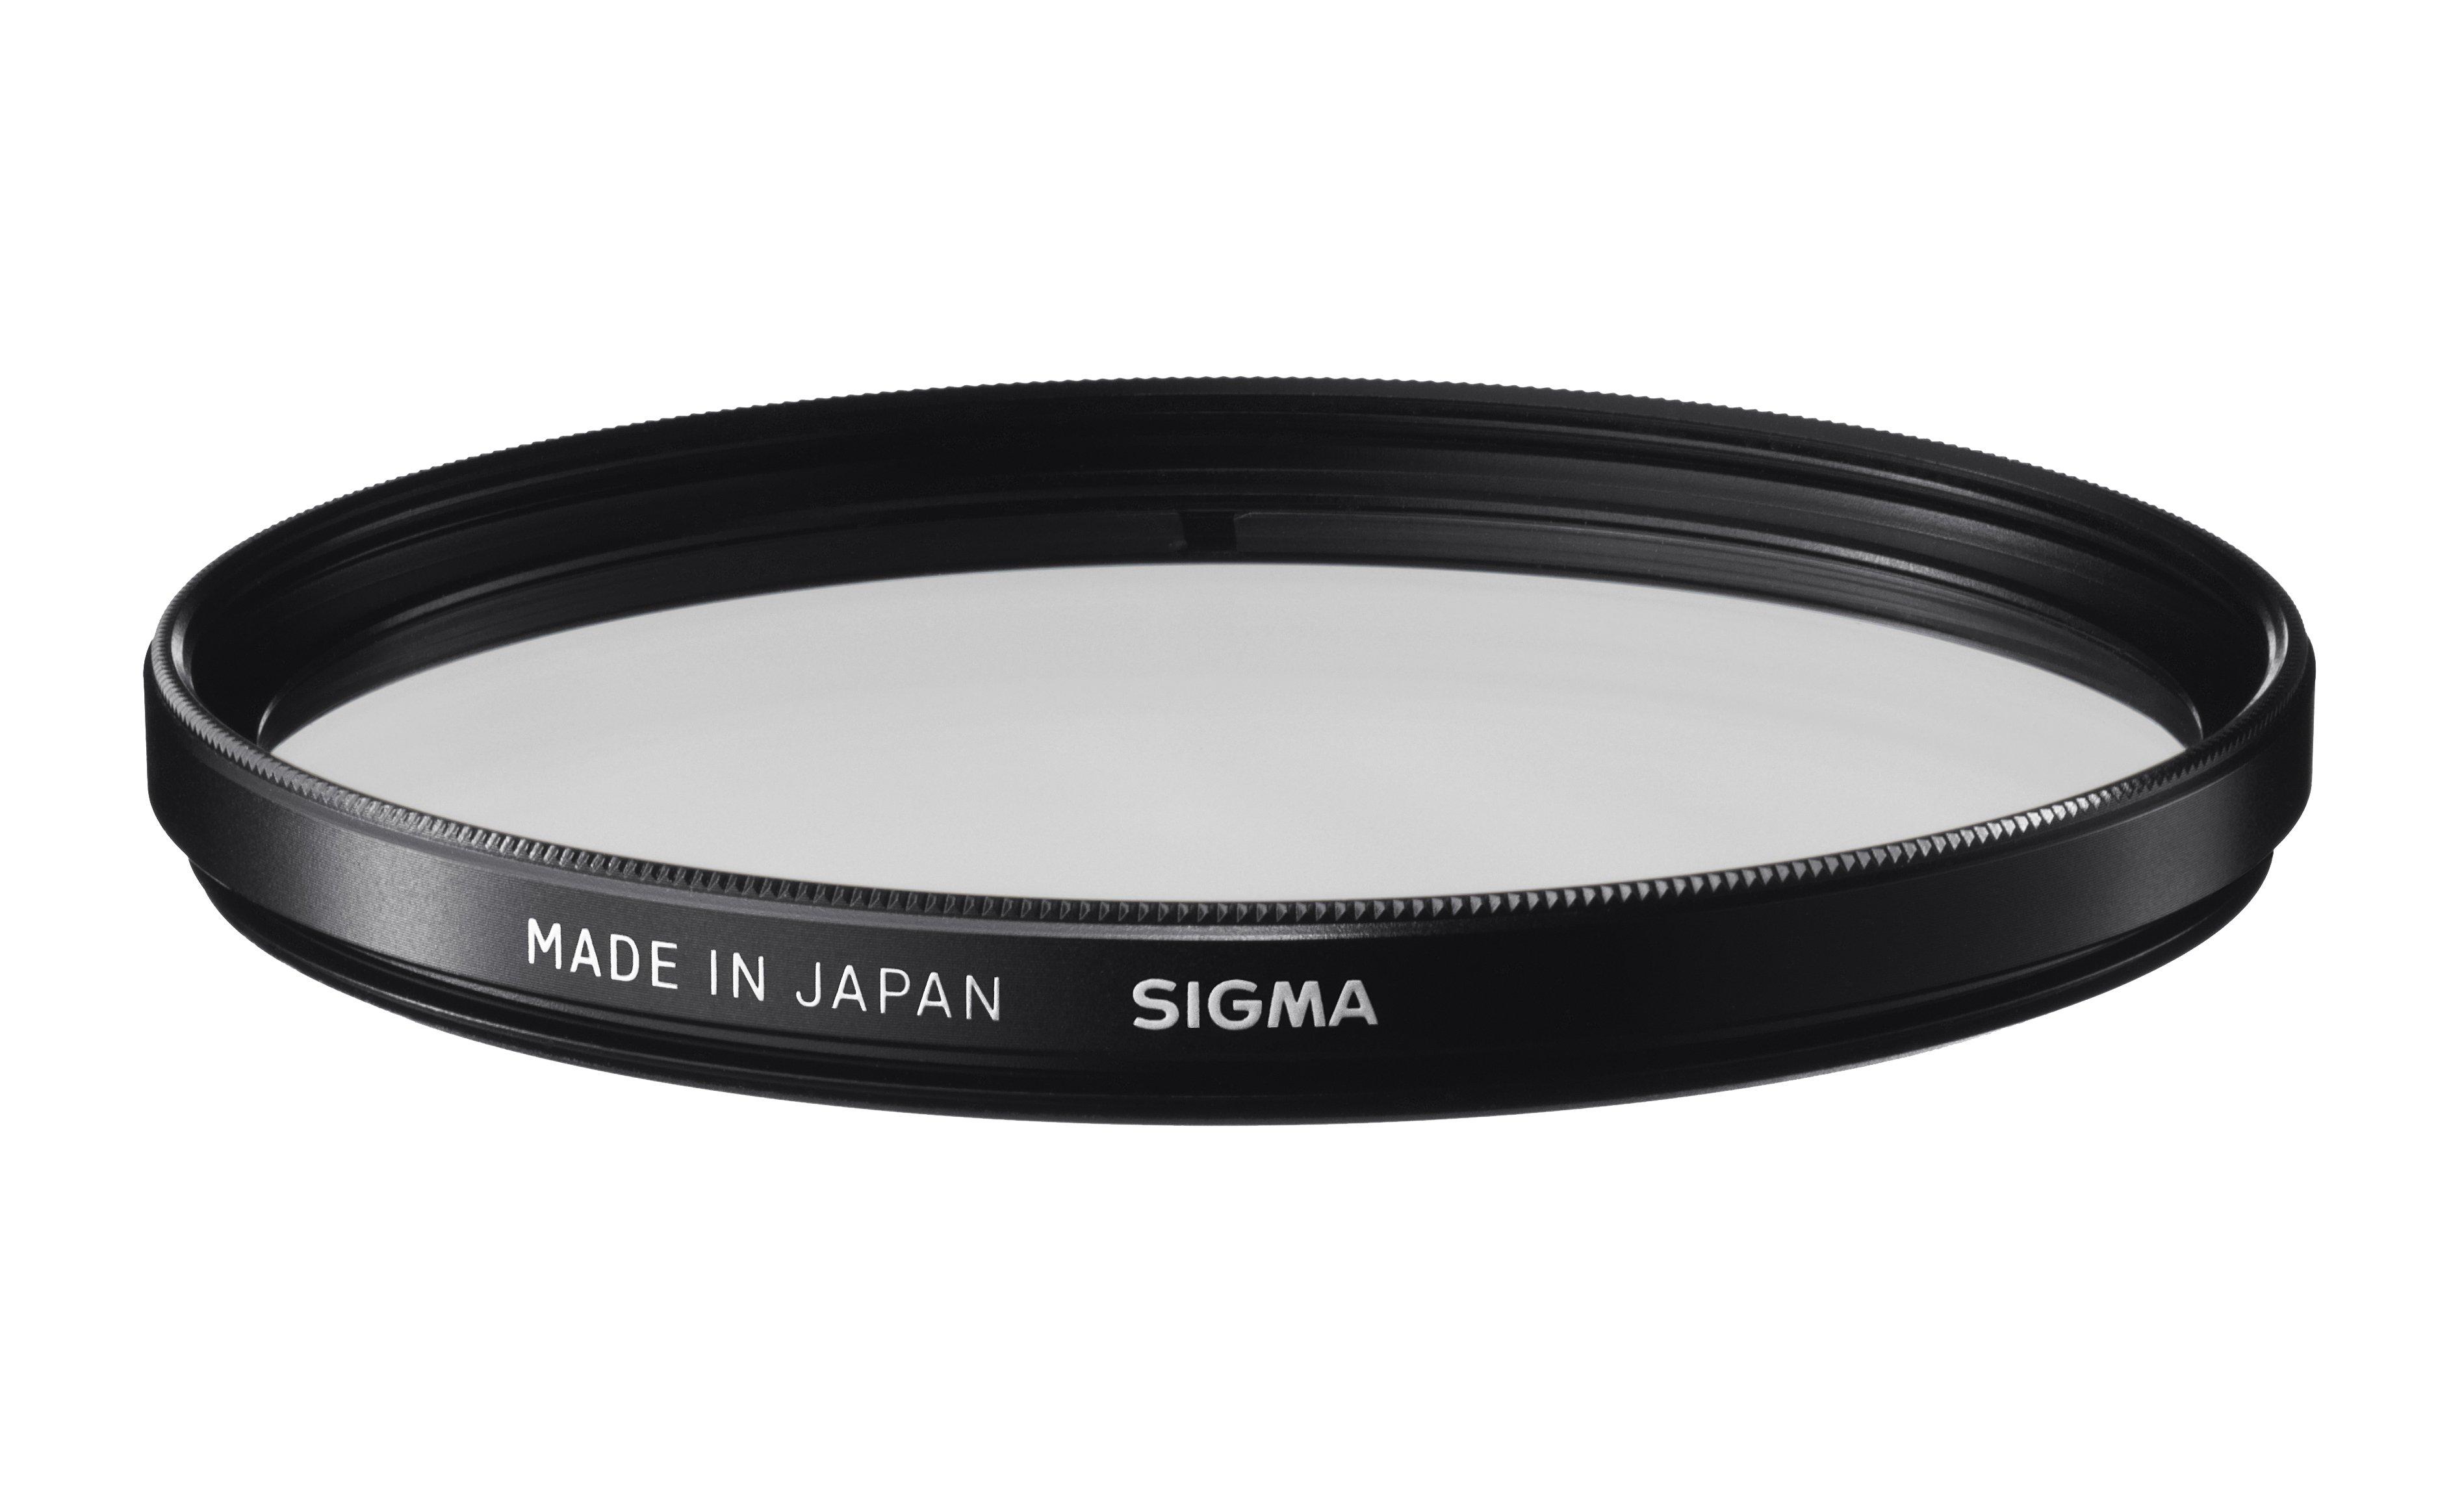 SIGMA filtr ochranný 52 mm WR